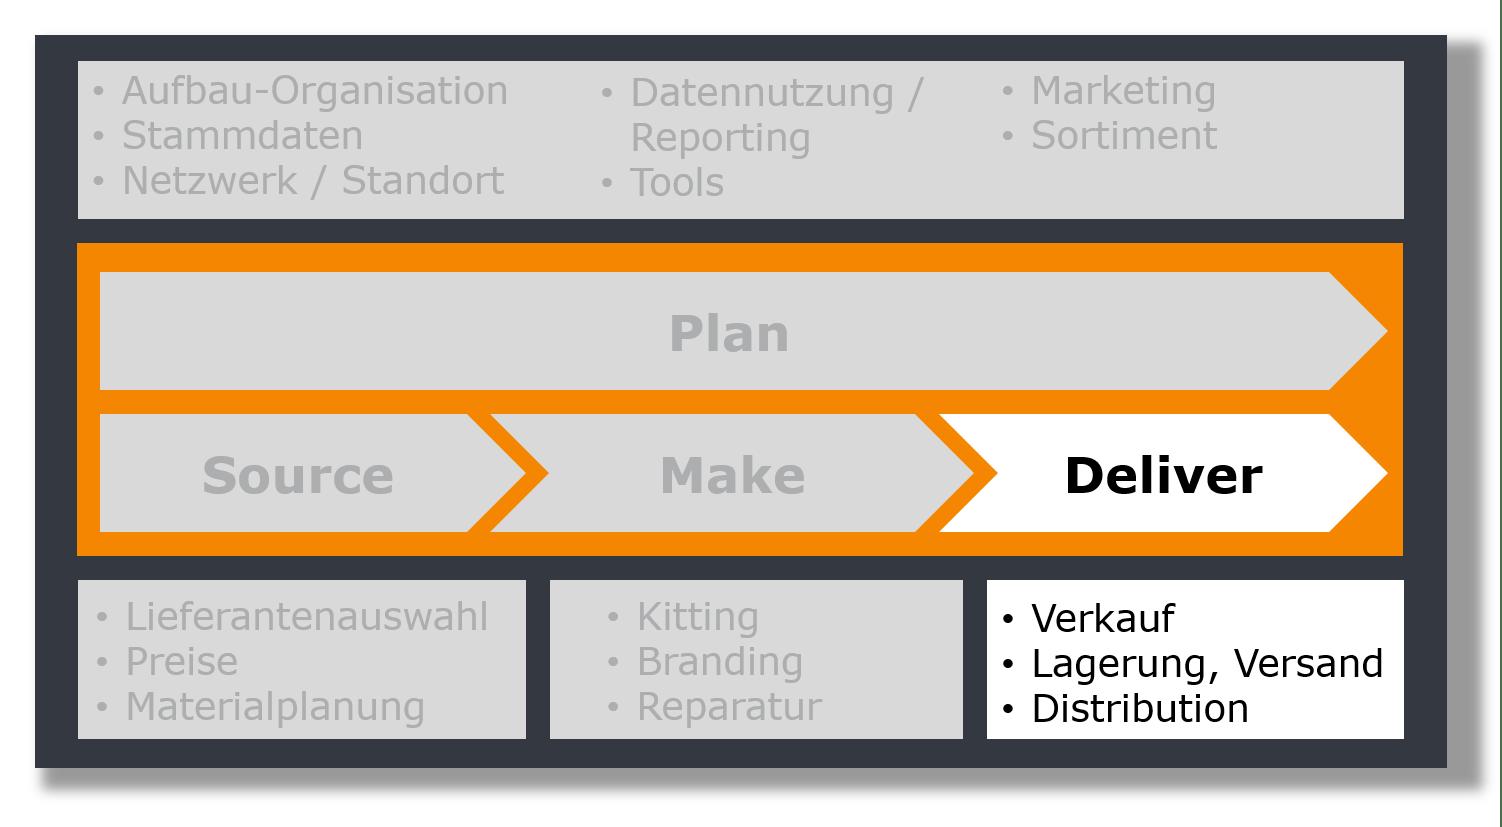 Ersatzteilmanagement Deliver, Managementberatung für After Sales Service